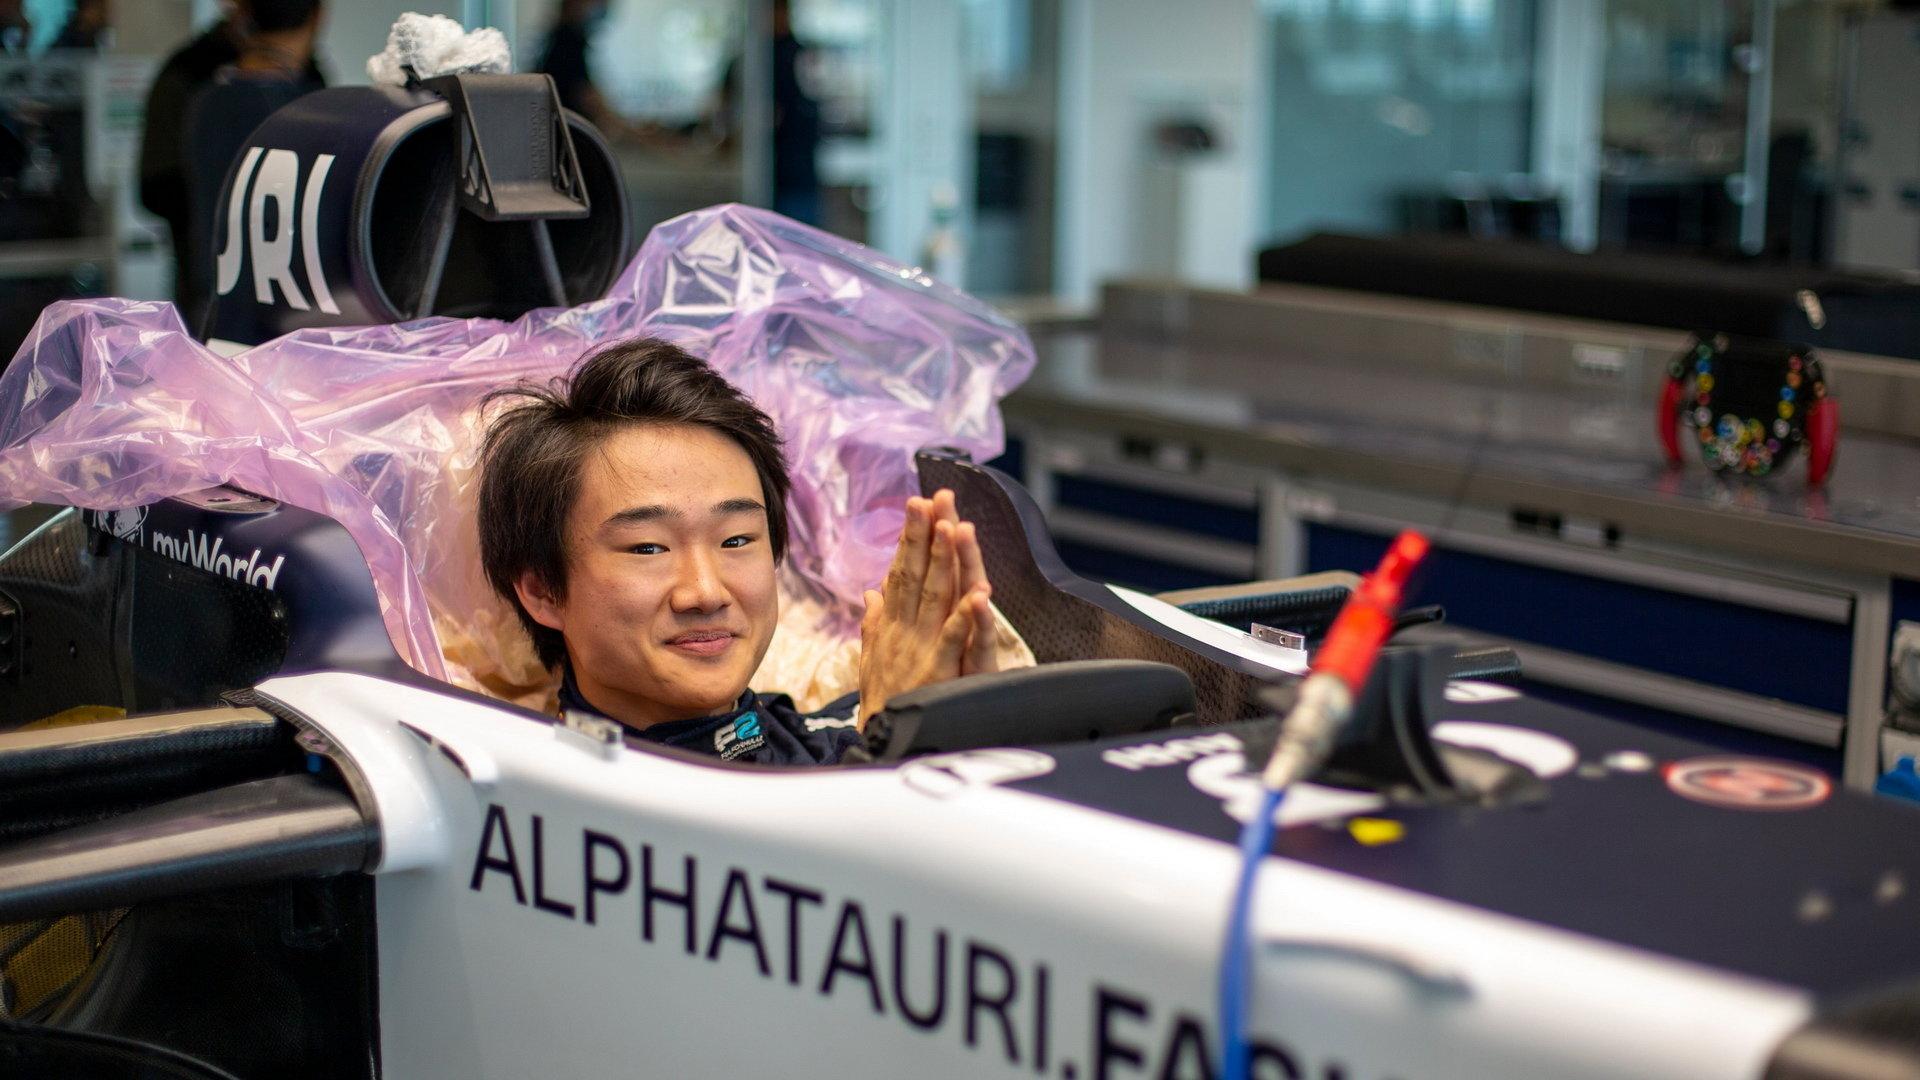 Juki Cunoda v továrně AlphyTauri